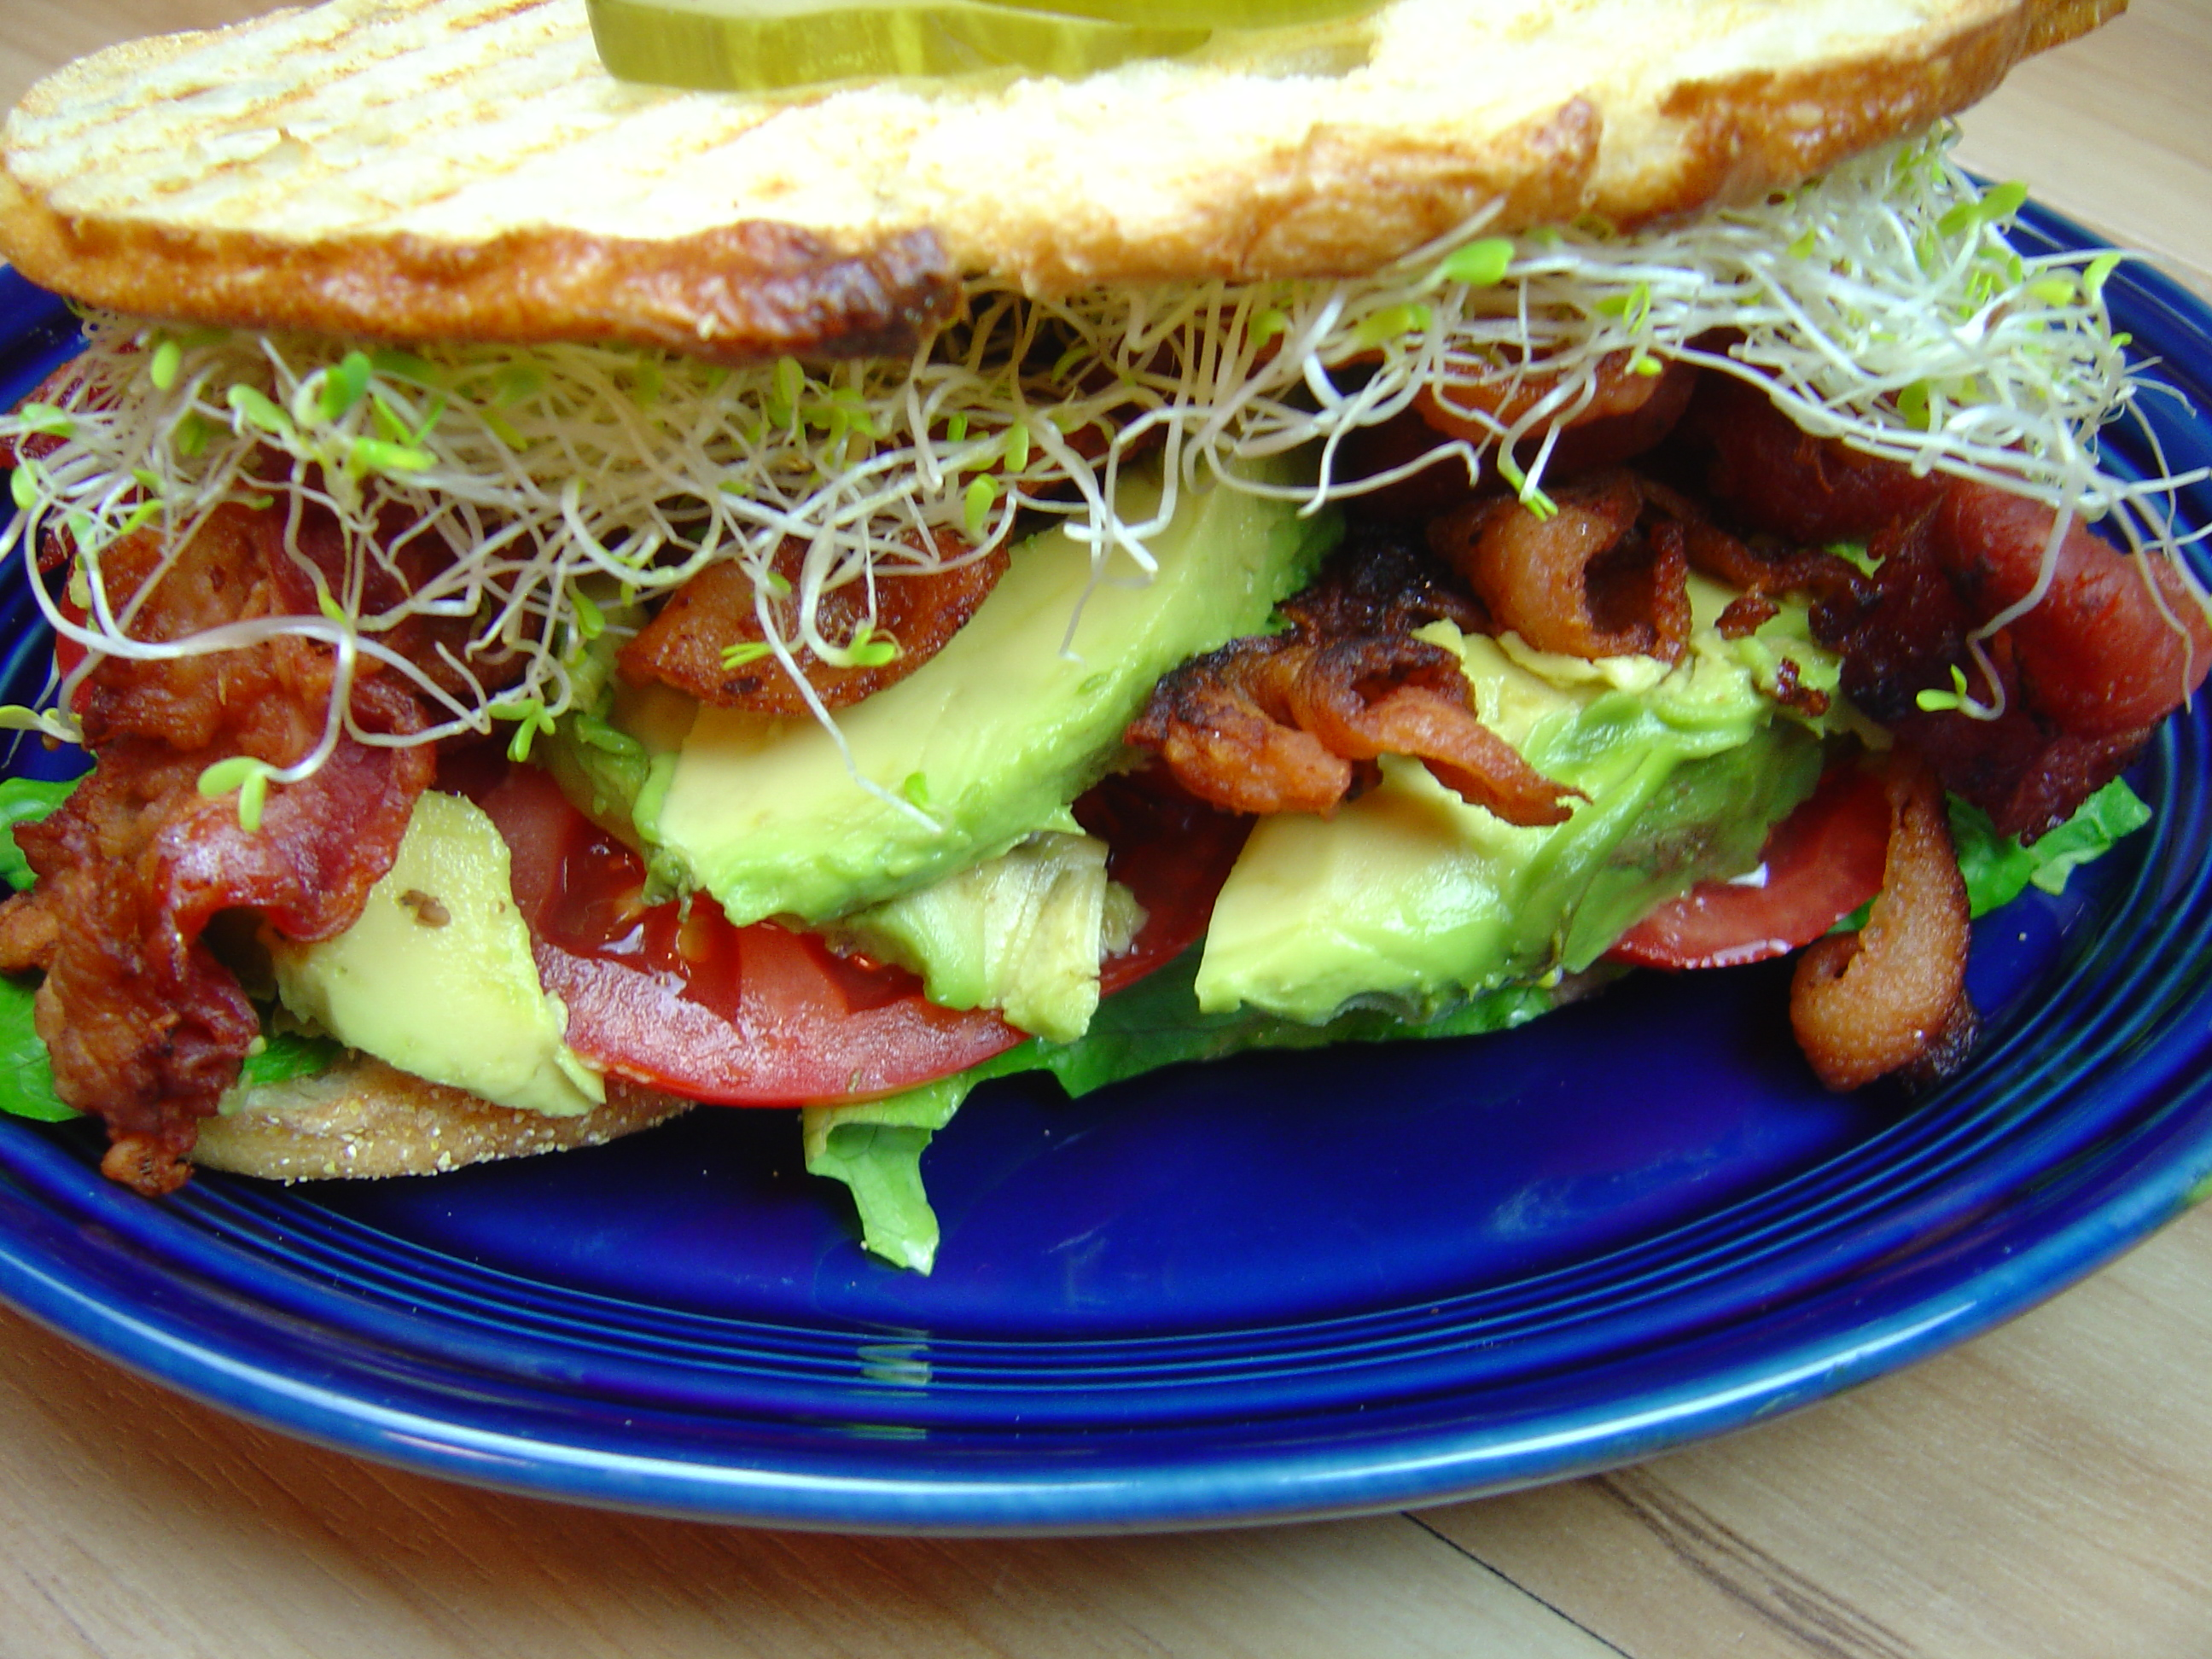 BLAST Sandwich (Bacon, Lettuce, Avocado, Sprouts, Tomato)